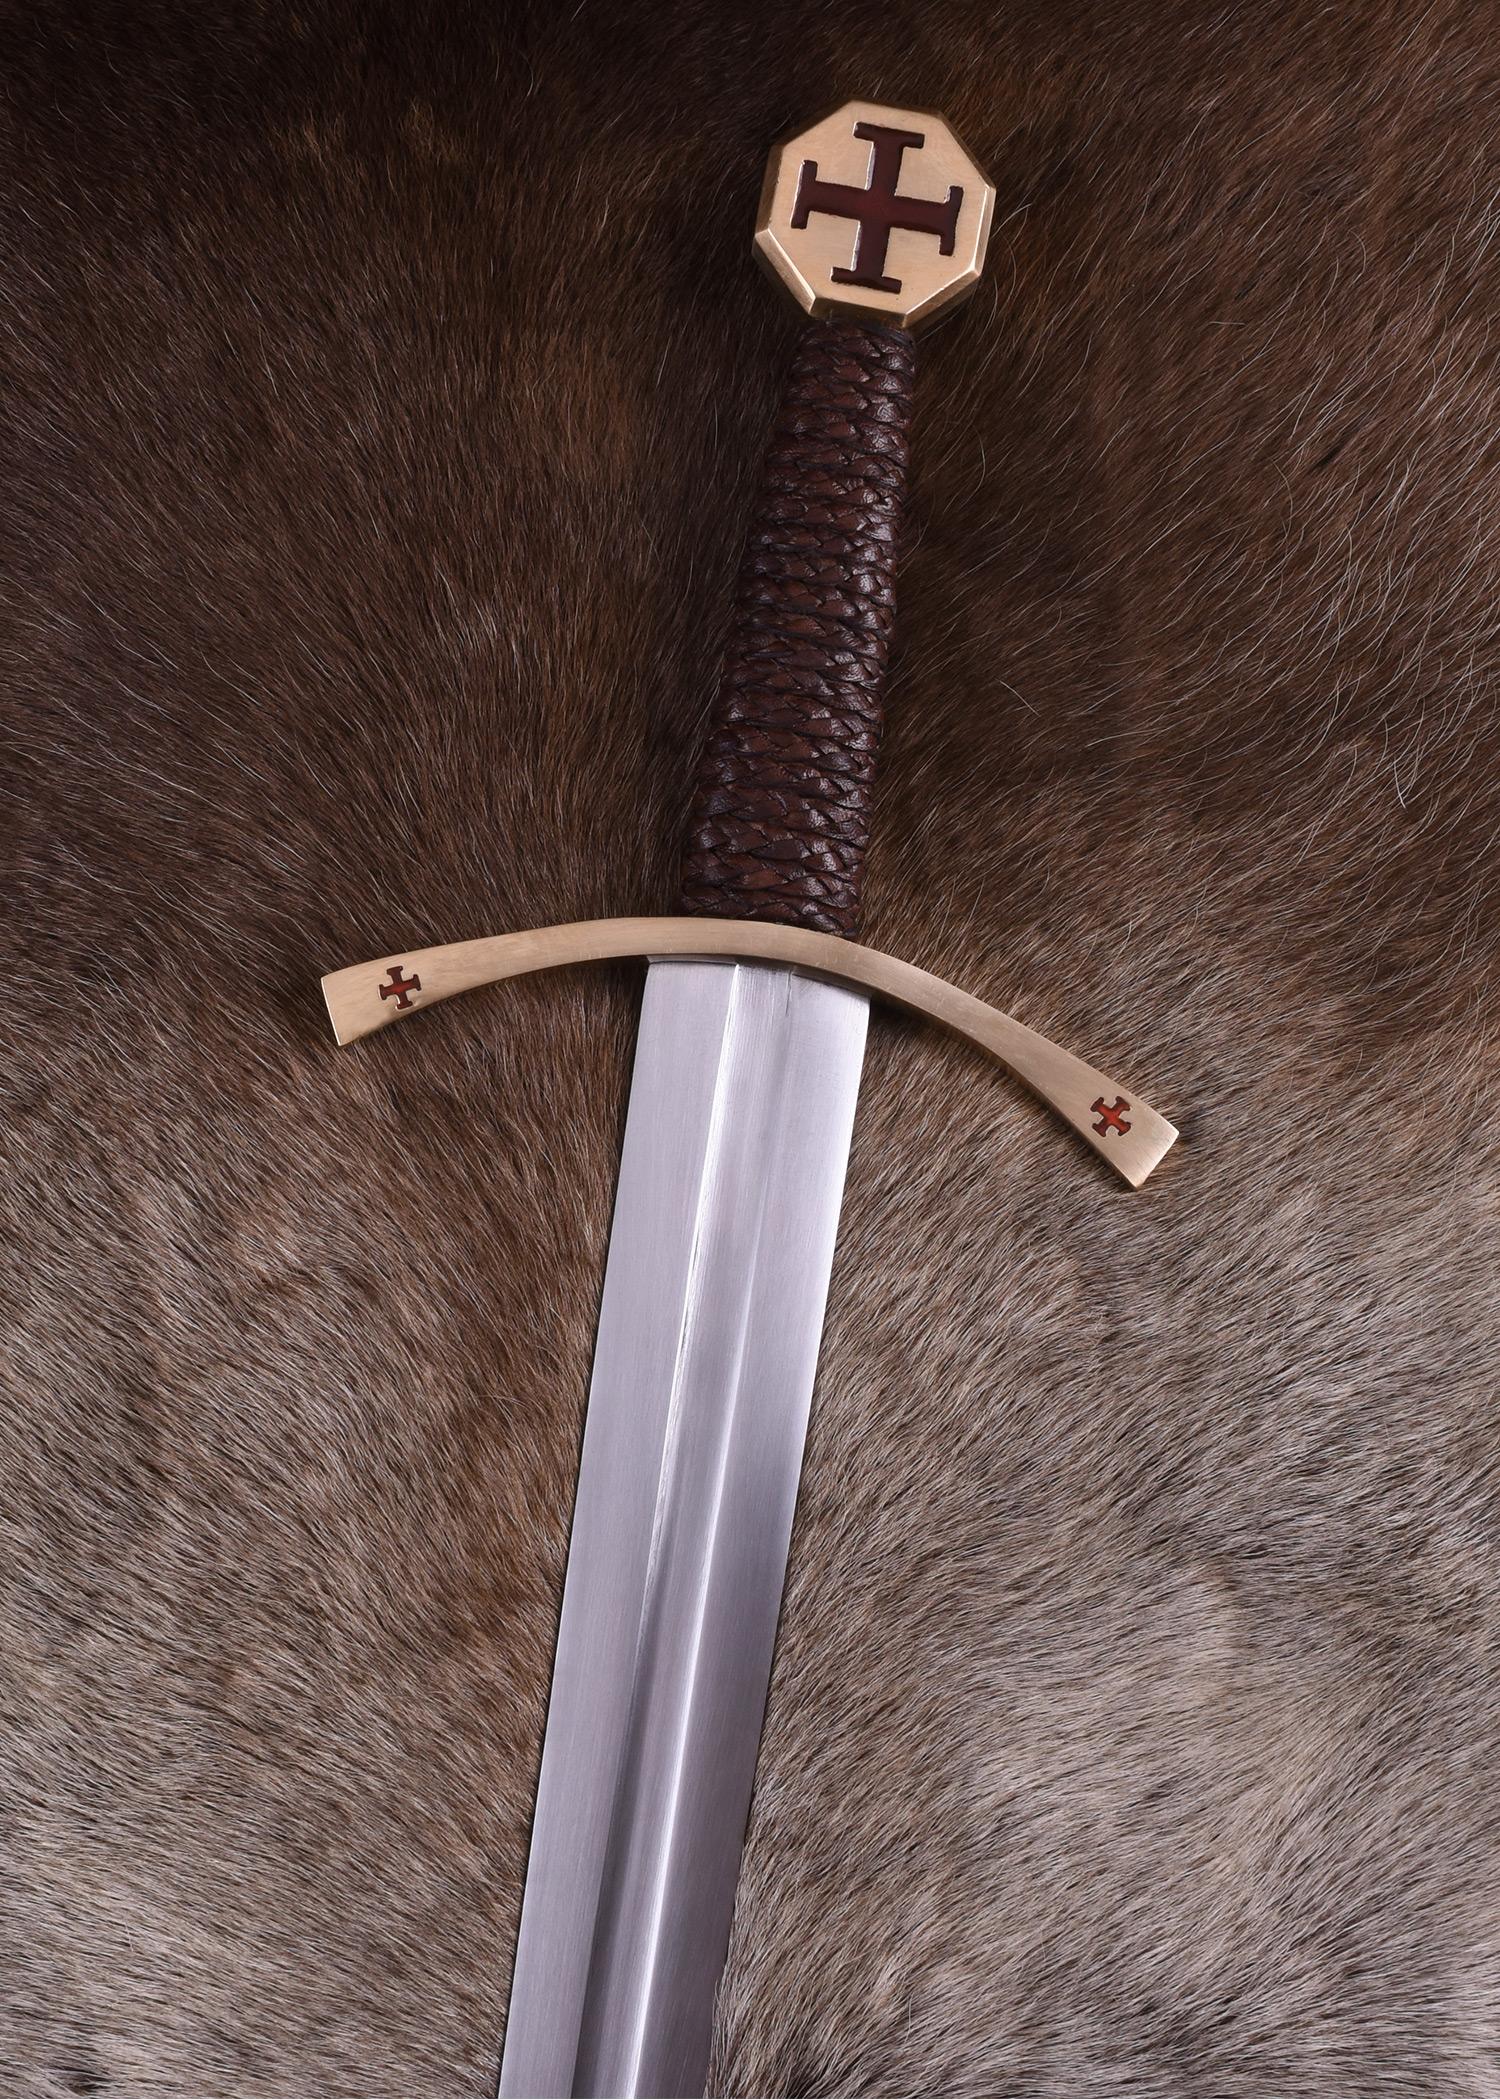 Templer Schwert mit Tatzenkreuz, inkl. Scheide